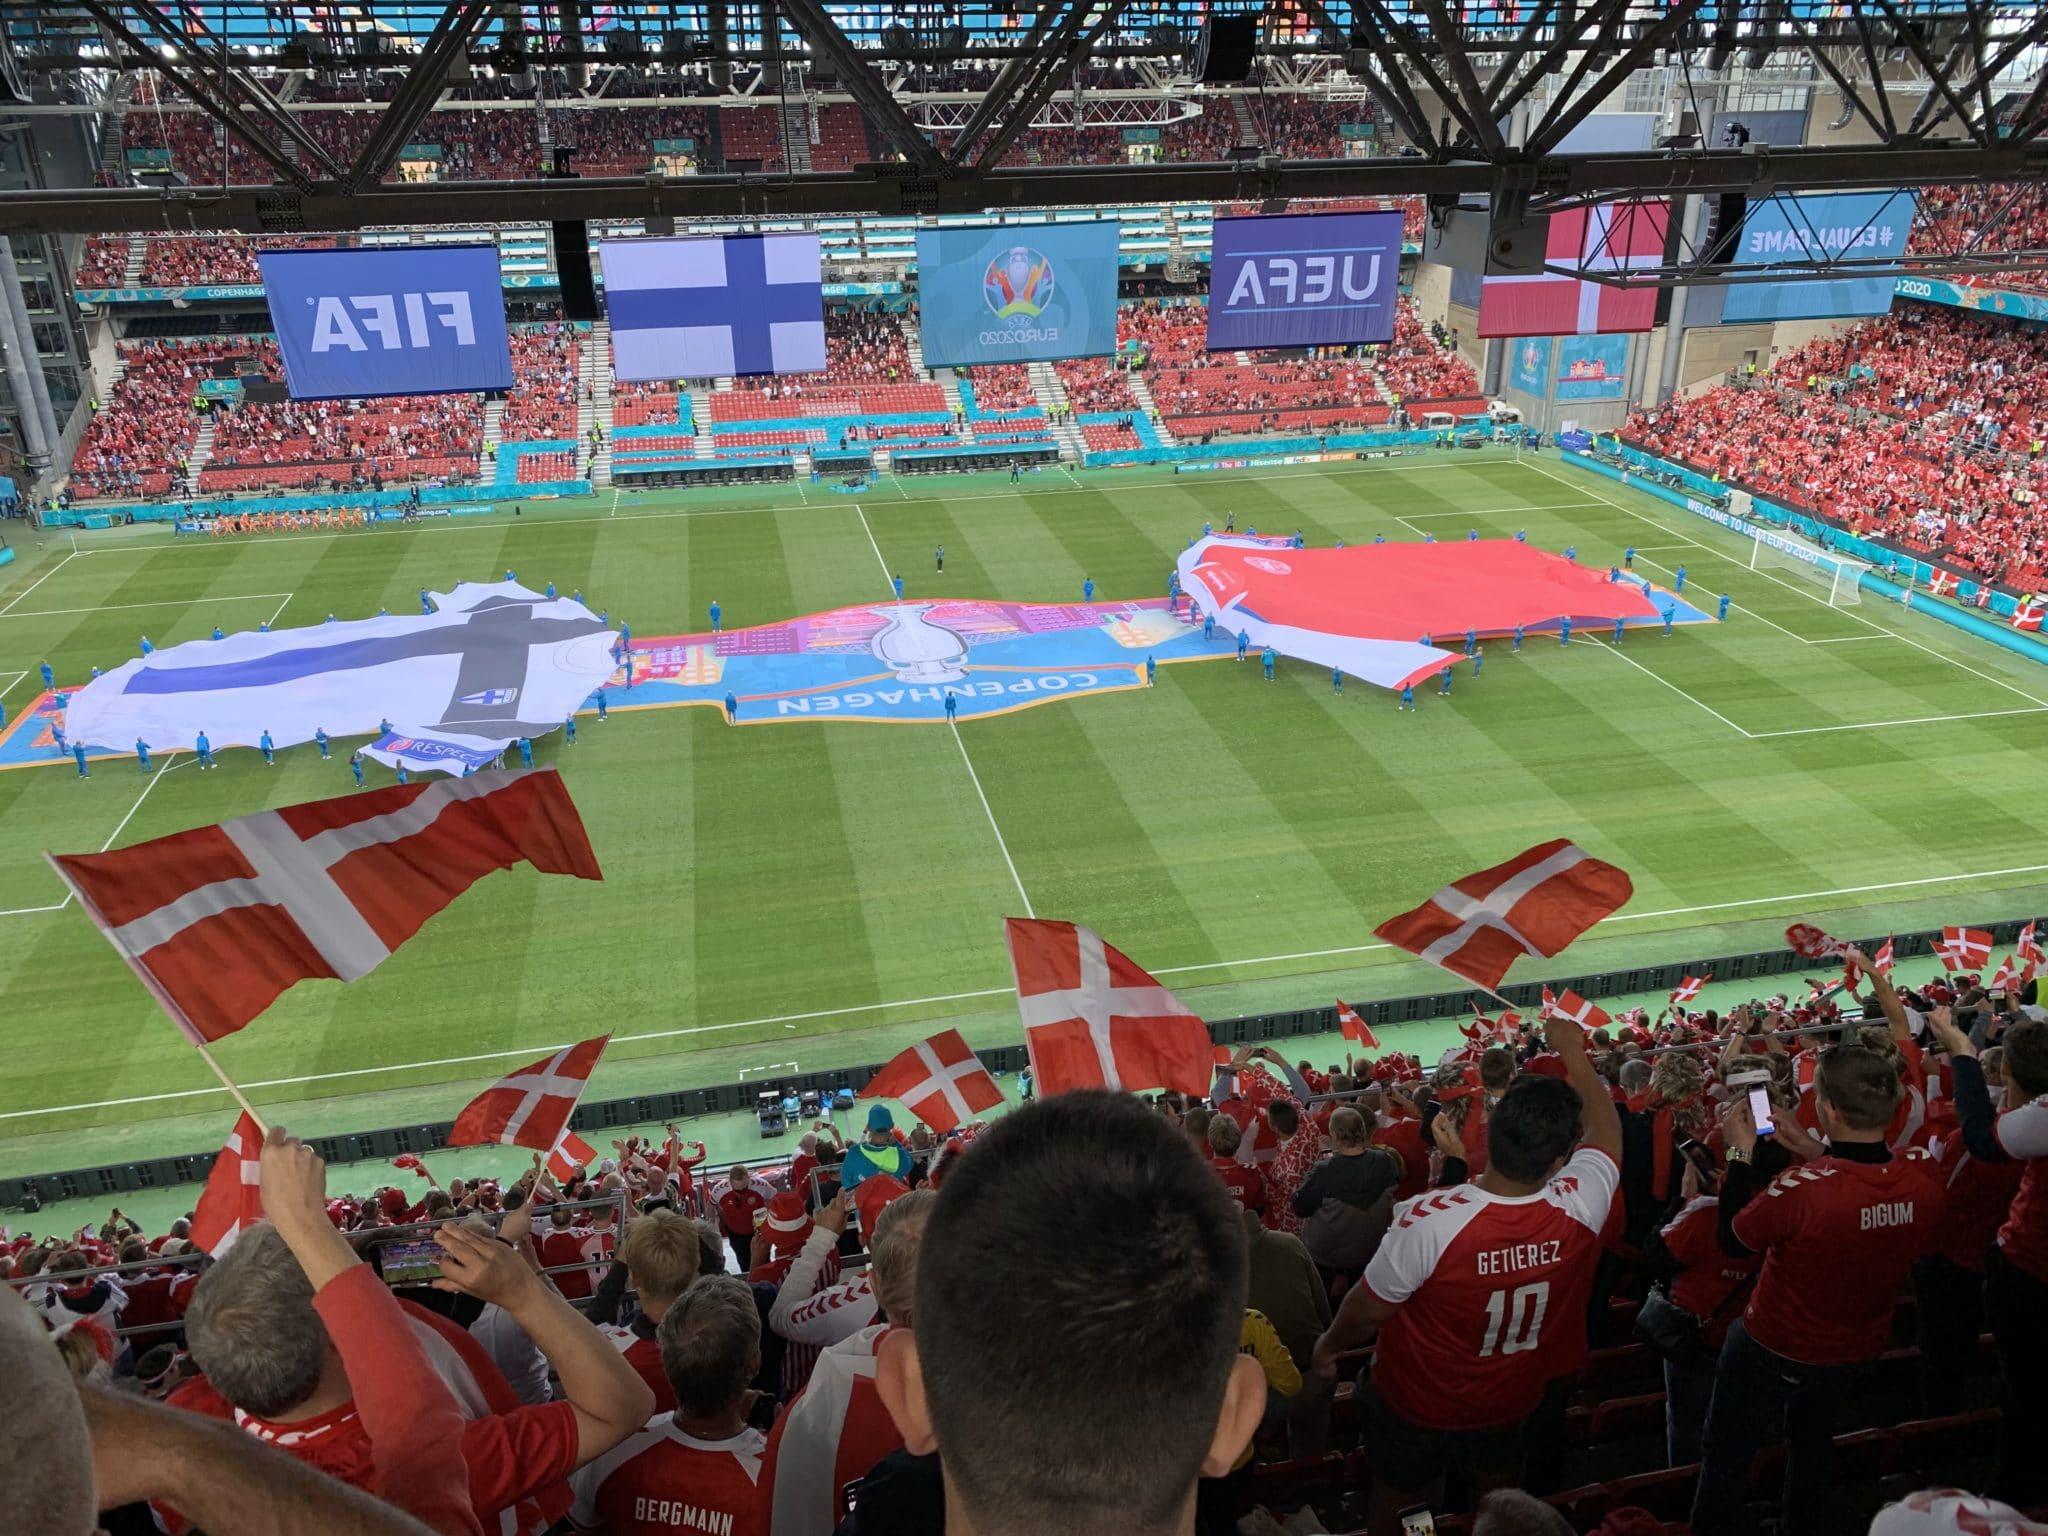 Solidt spil og dansk vindermentalitet bærer Danmark frem mod mulige EM guld-drømme: men hvad kan vi lære af fodbolden?